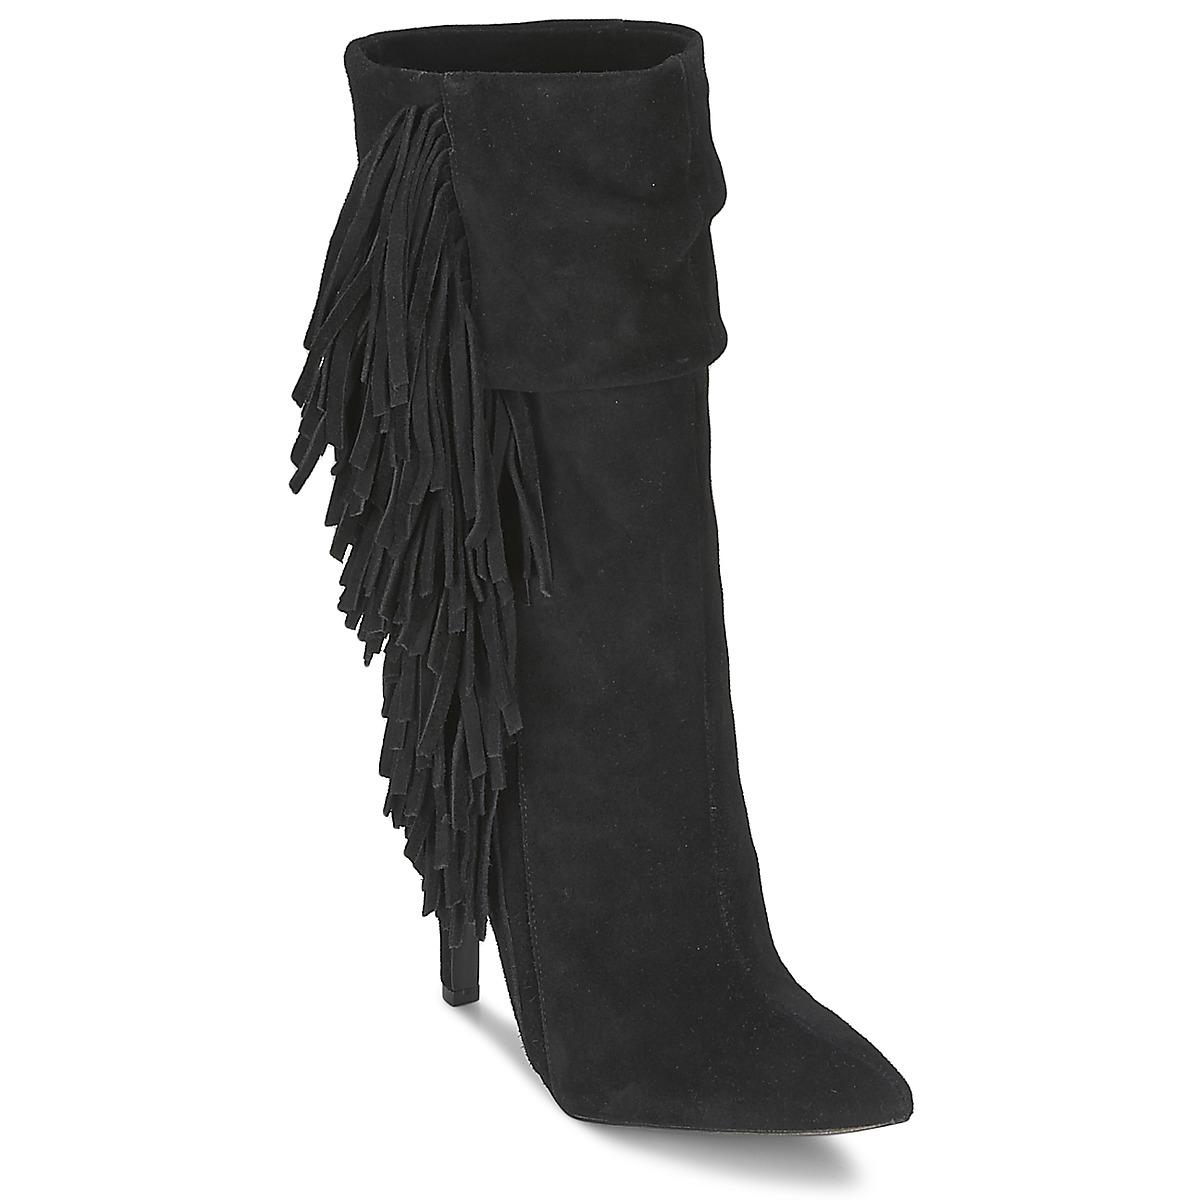 Aldo CIREVEN Schwarz - Kostenloser Versand bei Spartoode ! - Schuhe Low Boots Damen 74,00 €